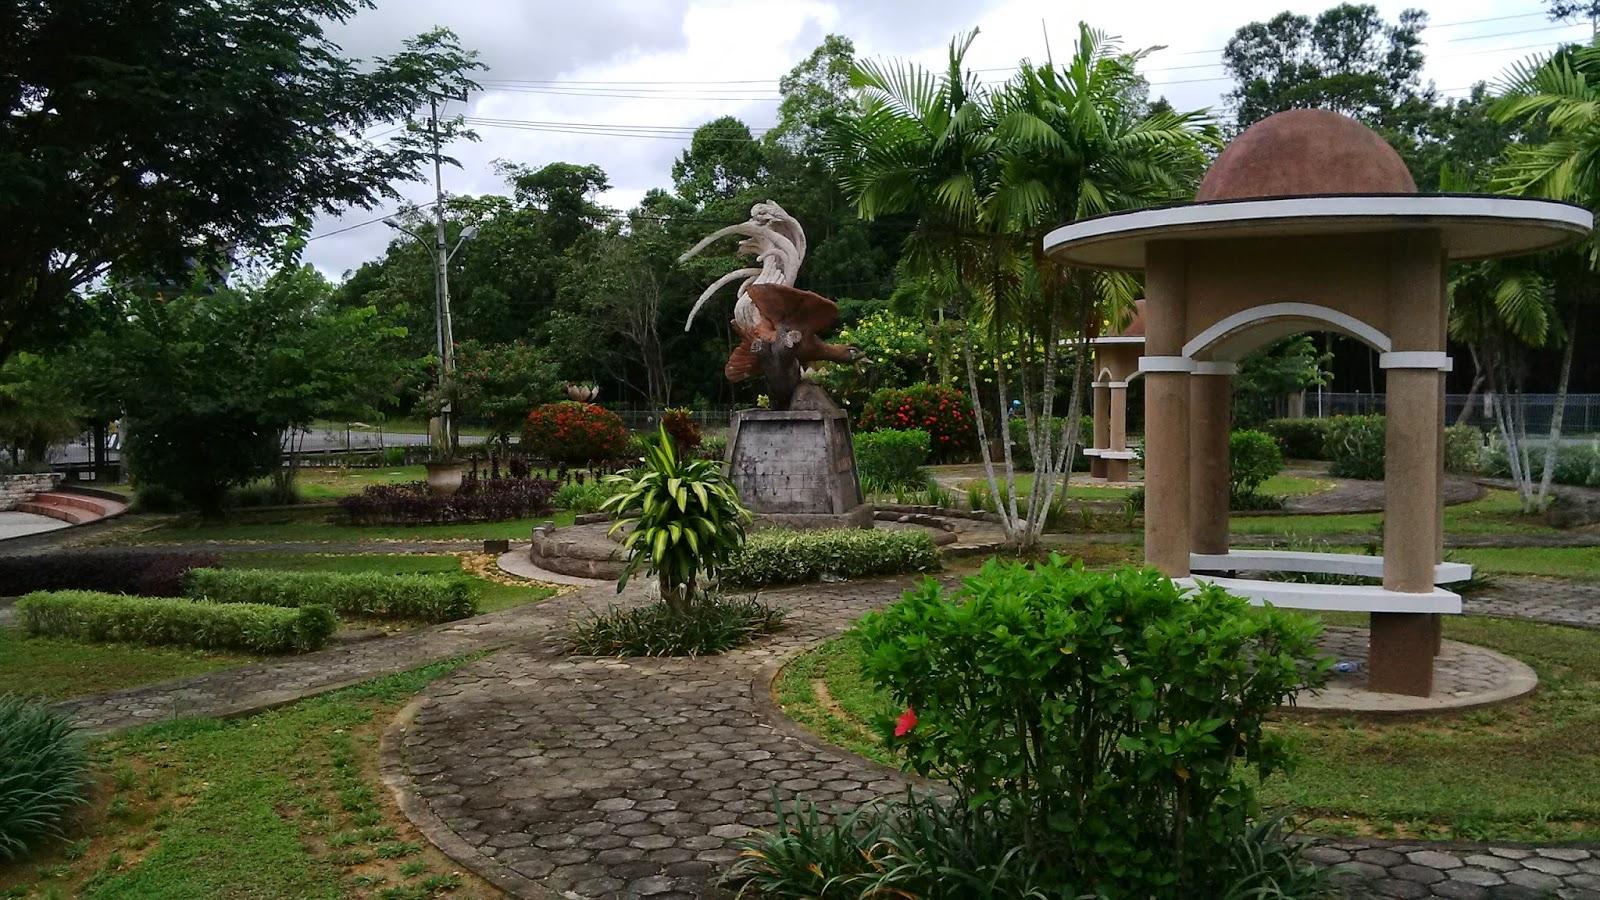 Blog Kaltara Taman Cendrawasih Tanjung Selor 2 Patung Ibu Mengasuh